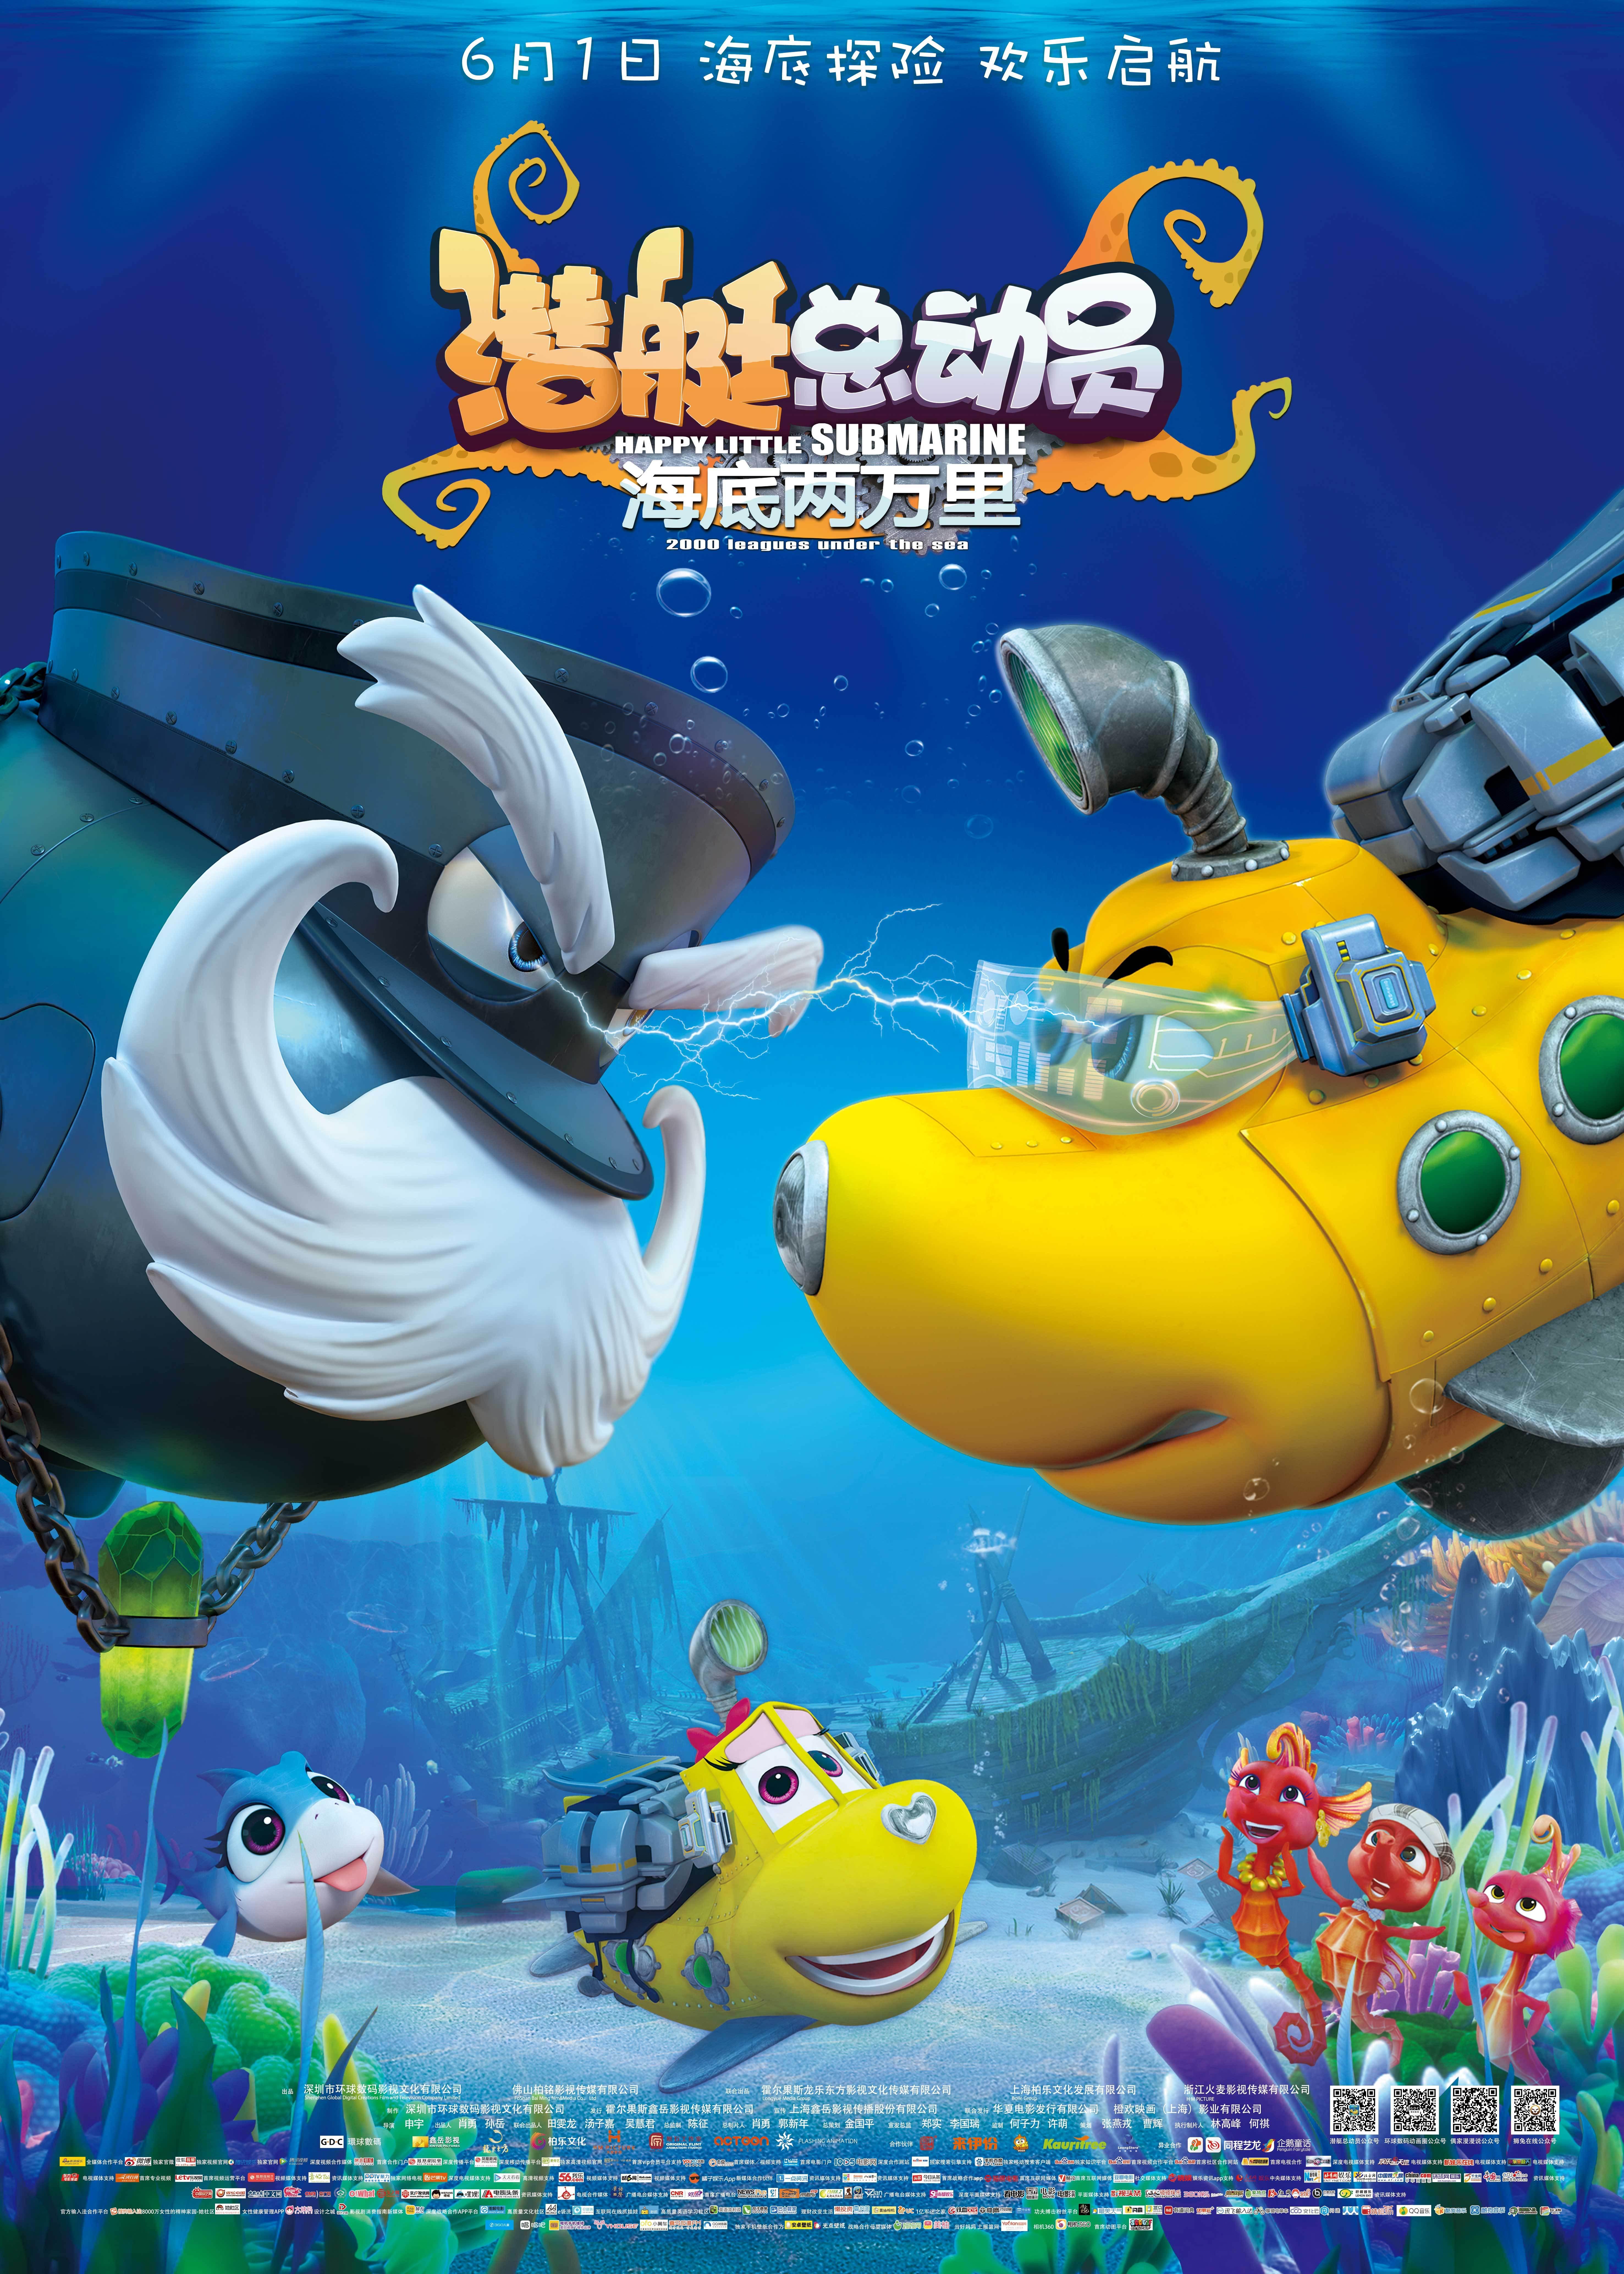 国产动画《潜艇总动员》今日上映 四大看点全揭秘